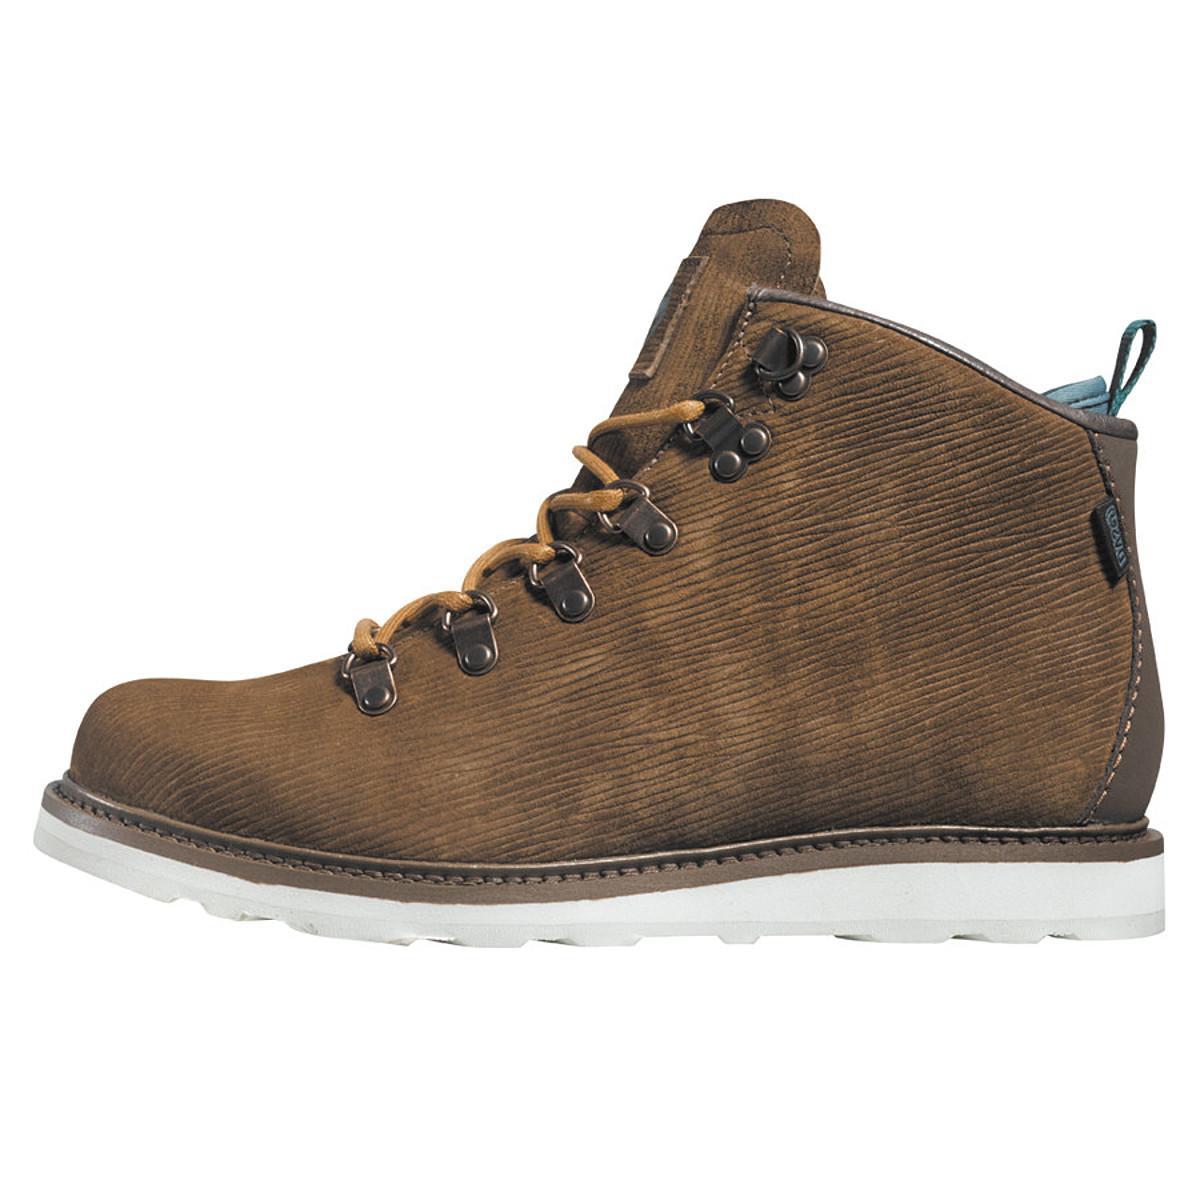 DVS Yodeler Boot - Men's Black/Red Suede Snow, 11.0